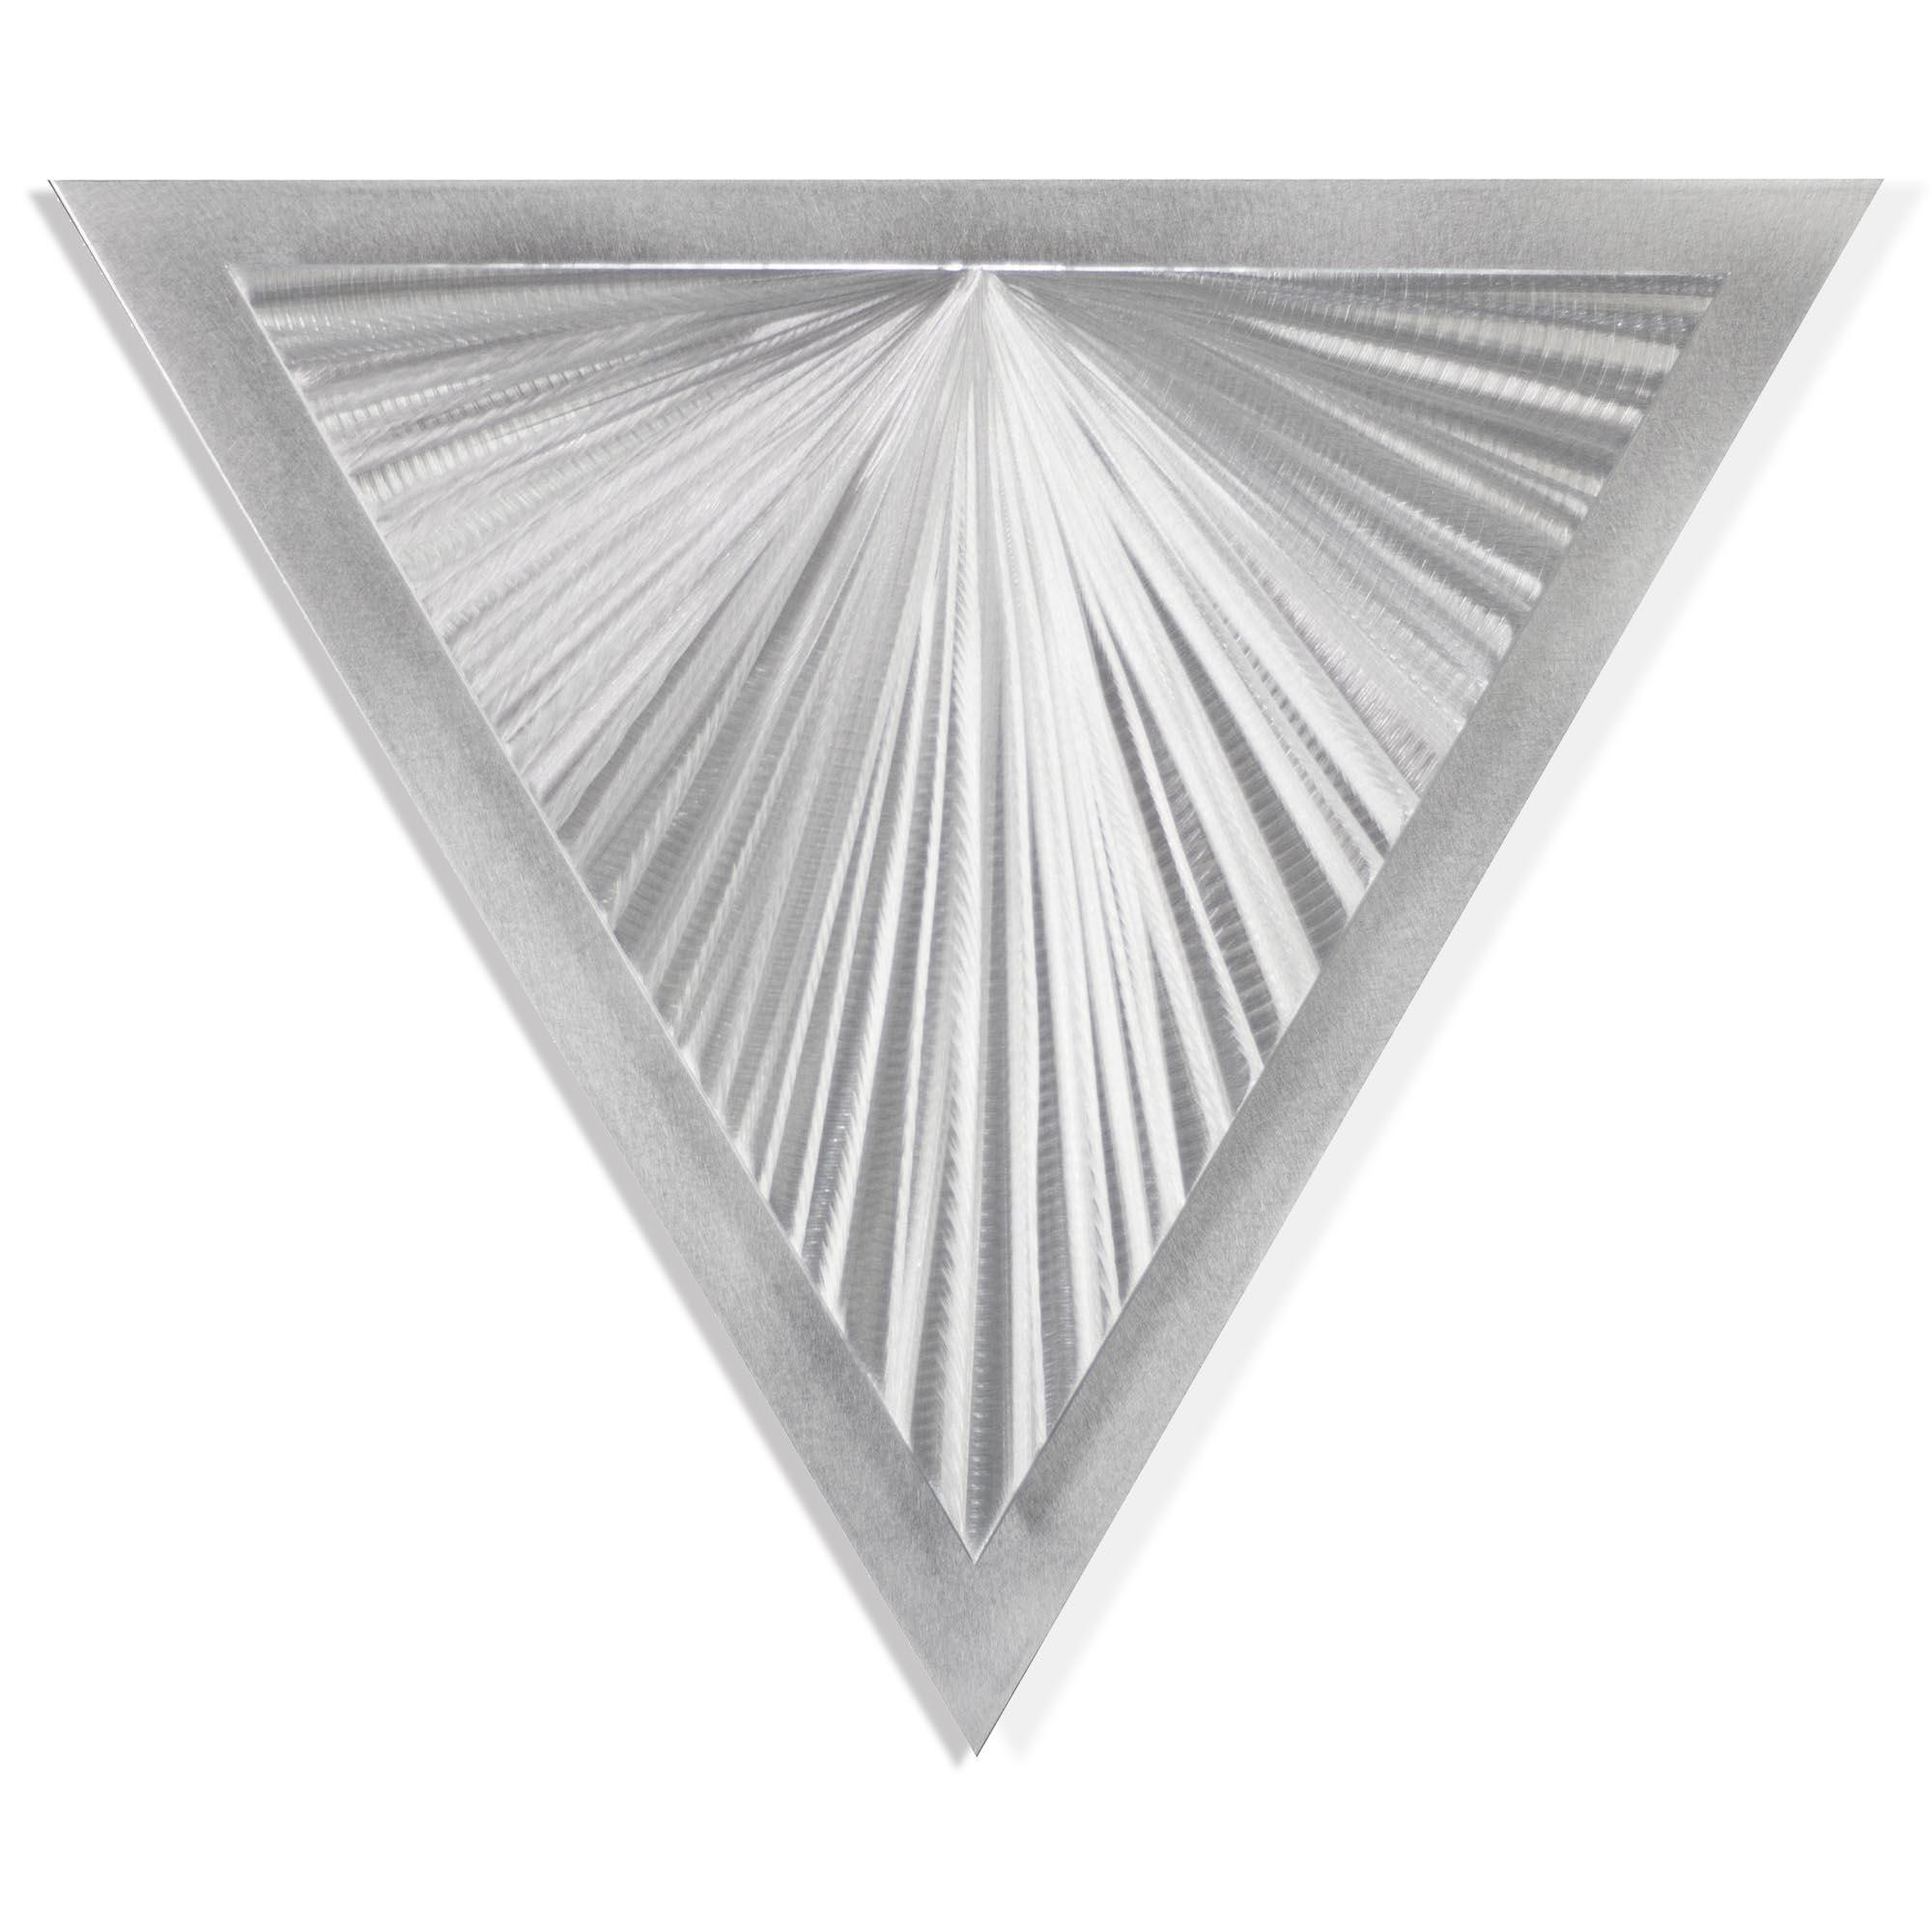 Helena Martin 'Shining Angle' 15in x 13in Modern Metal Art on Ground Metal